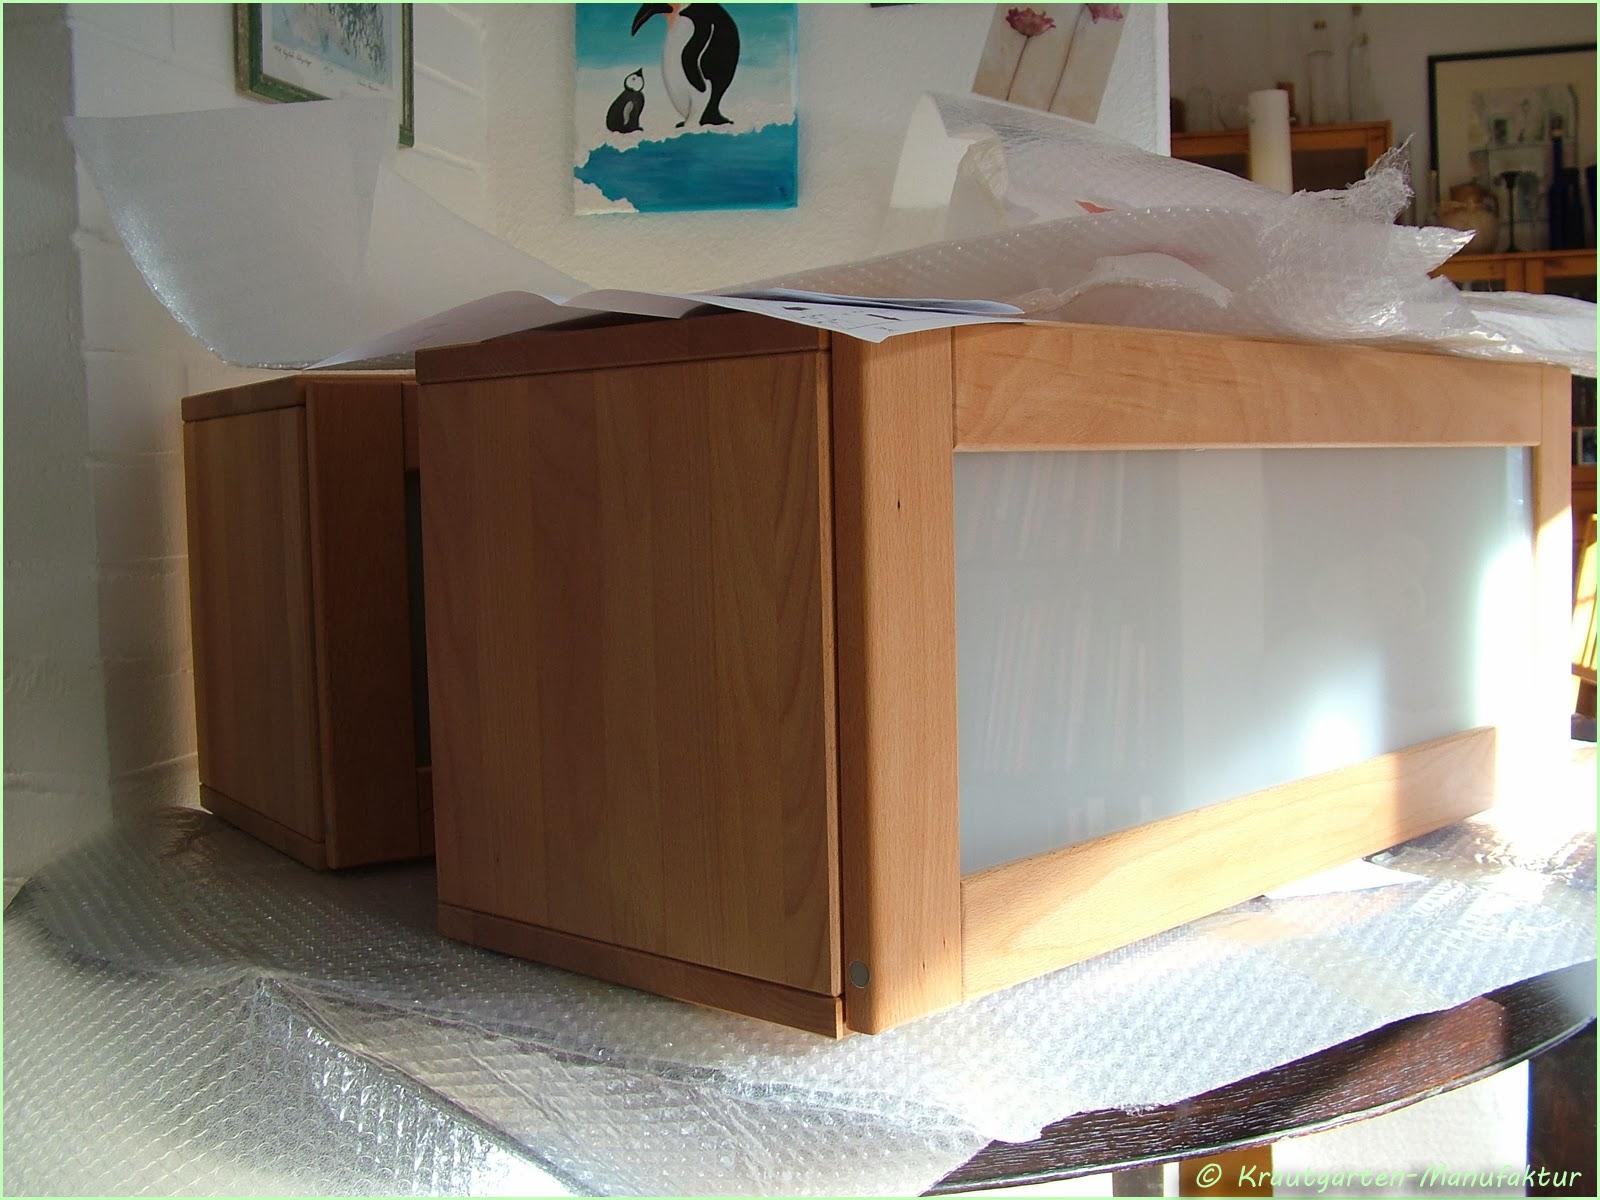 kche selber bauen ytong beleuchtung im zimmer ideen zum. Black Bedroom Furniture Sets. Home Design Ideas